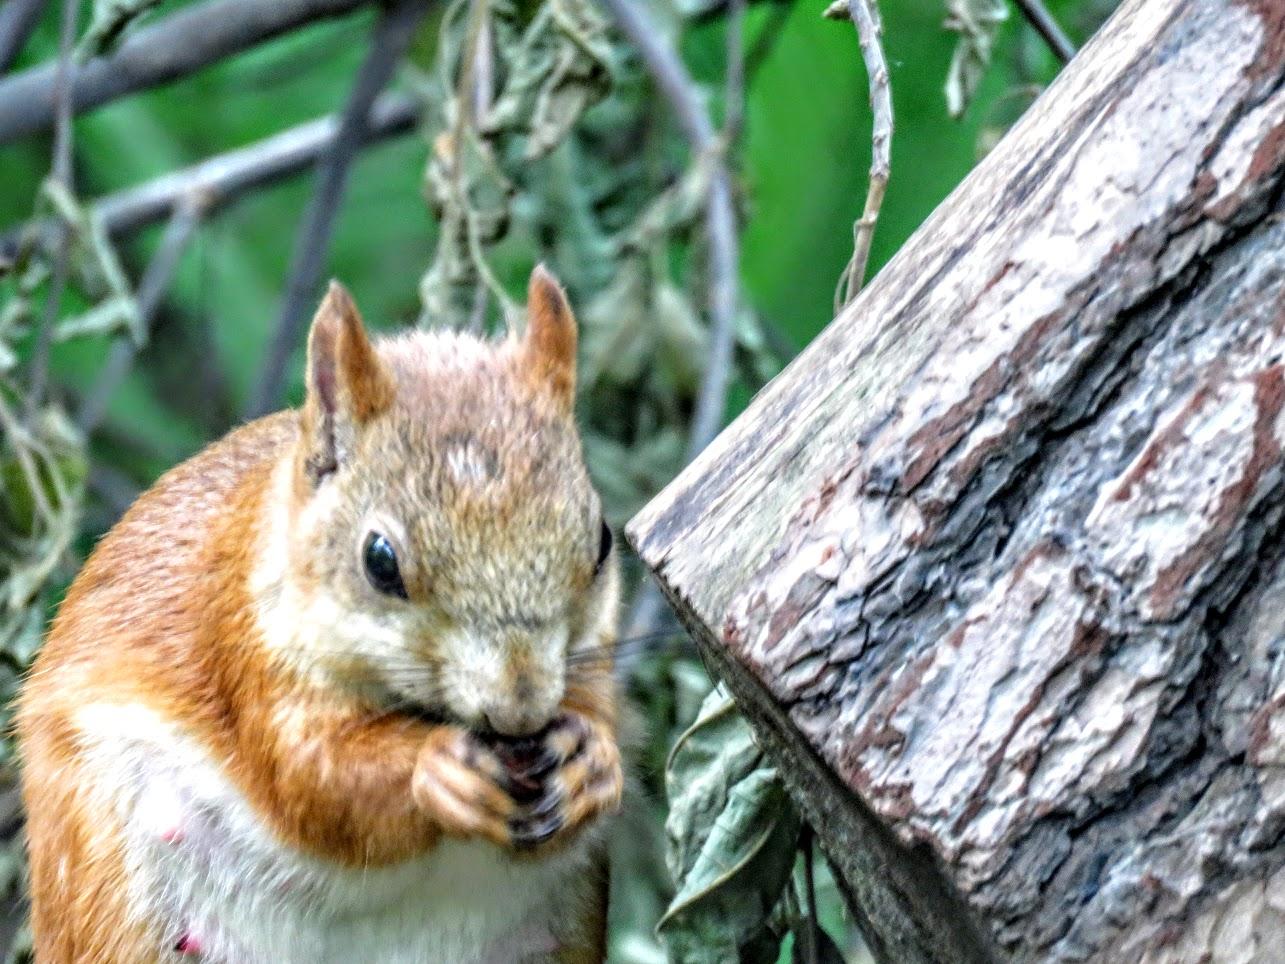 Случайно удачная фотоохота в сосновом бору - рыжая белочка, дроздёныш, бурундук IMG 3909